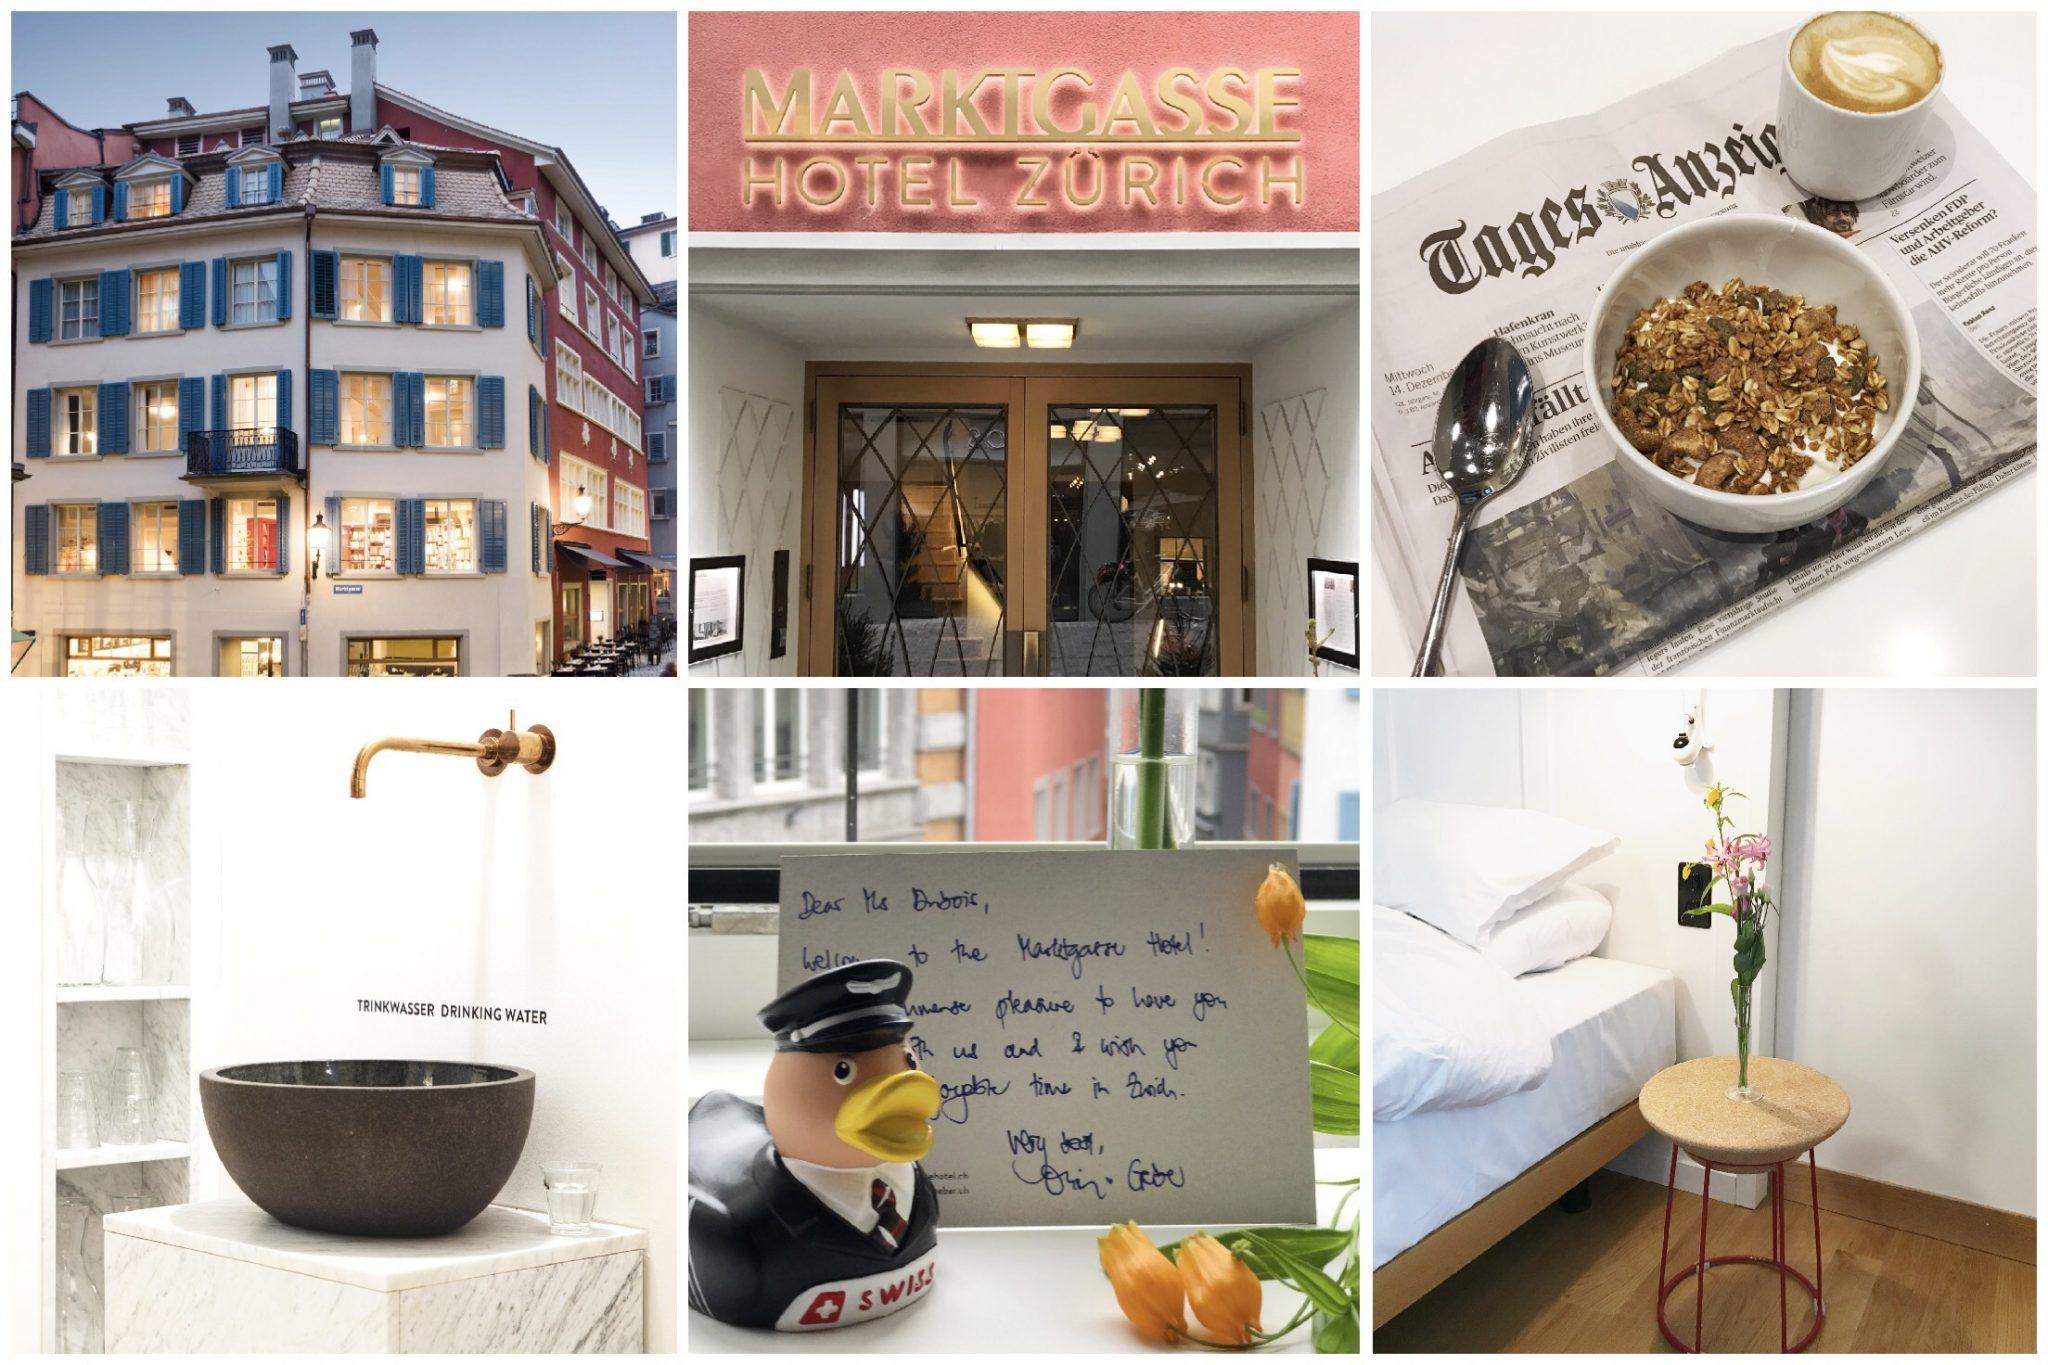 Marktgasse Hotel Zurich